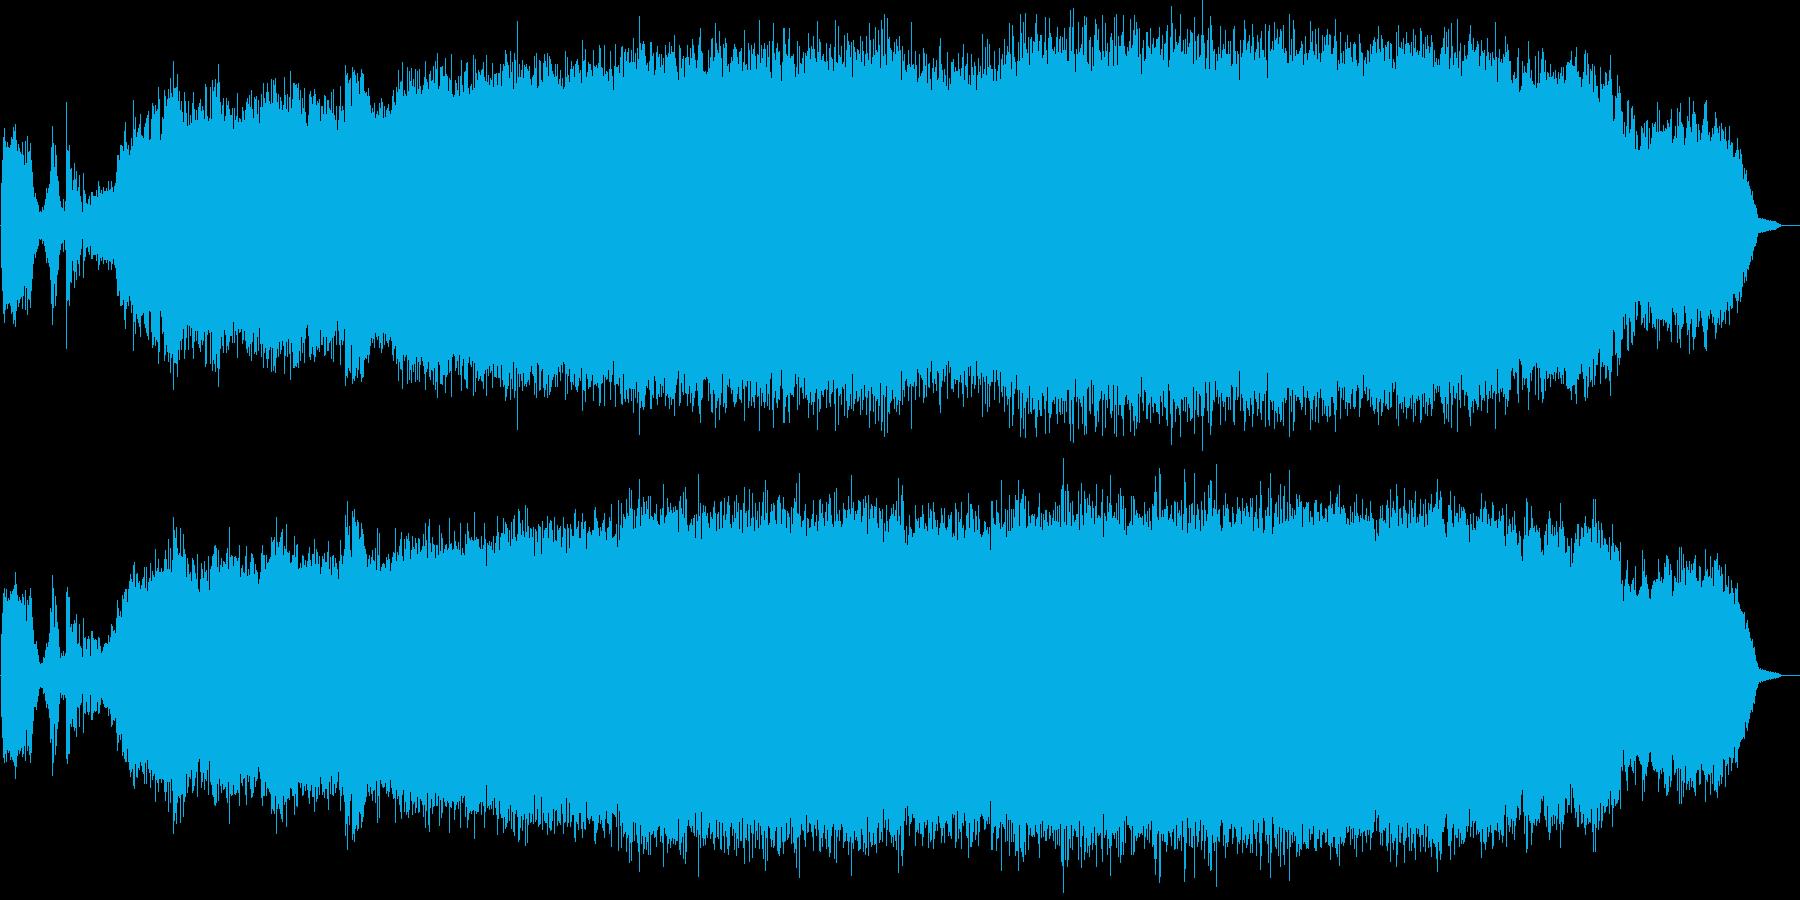 「地球創造」をイメージしたアナログ的で…の再生済みの波形